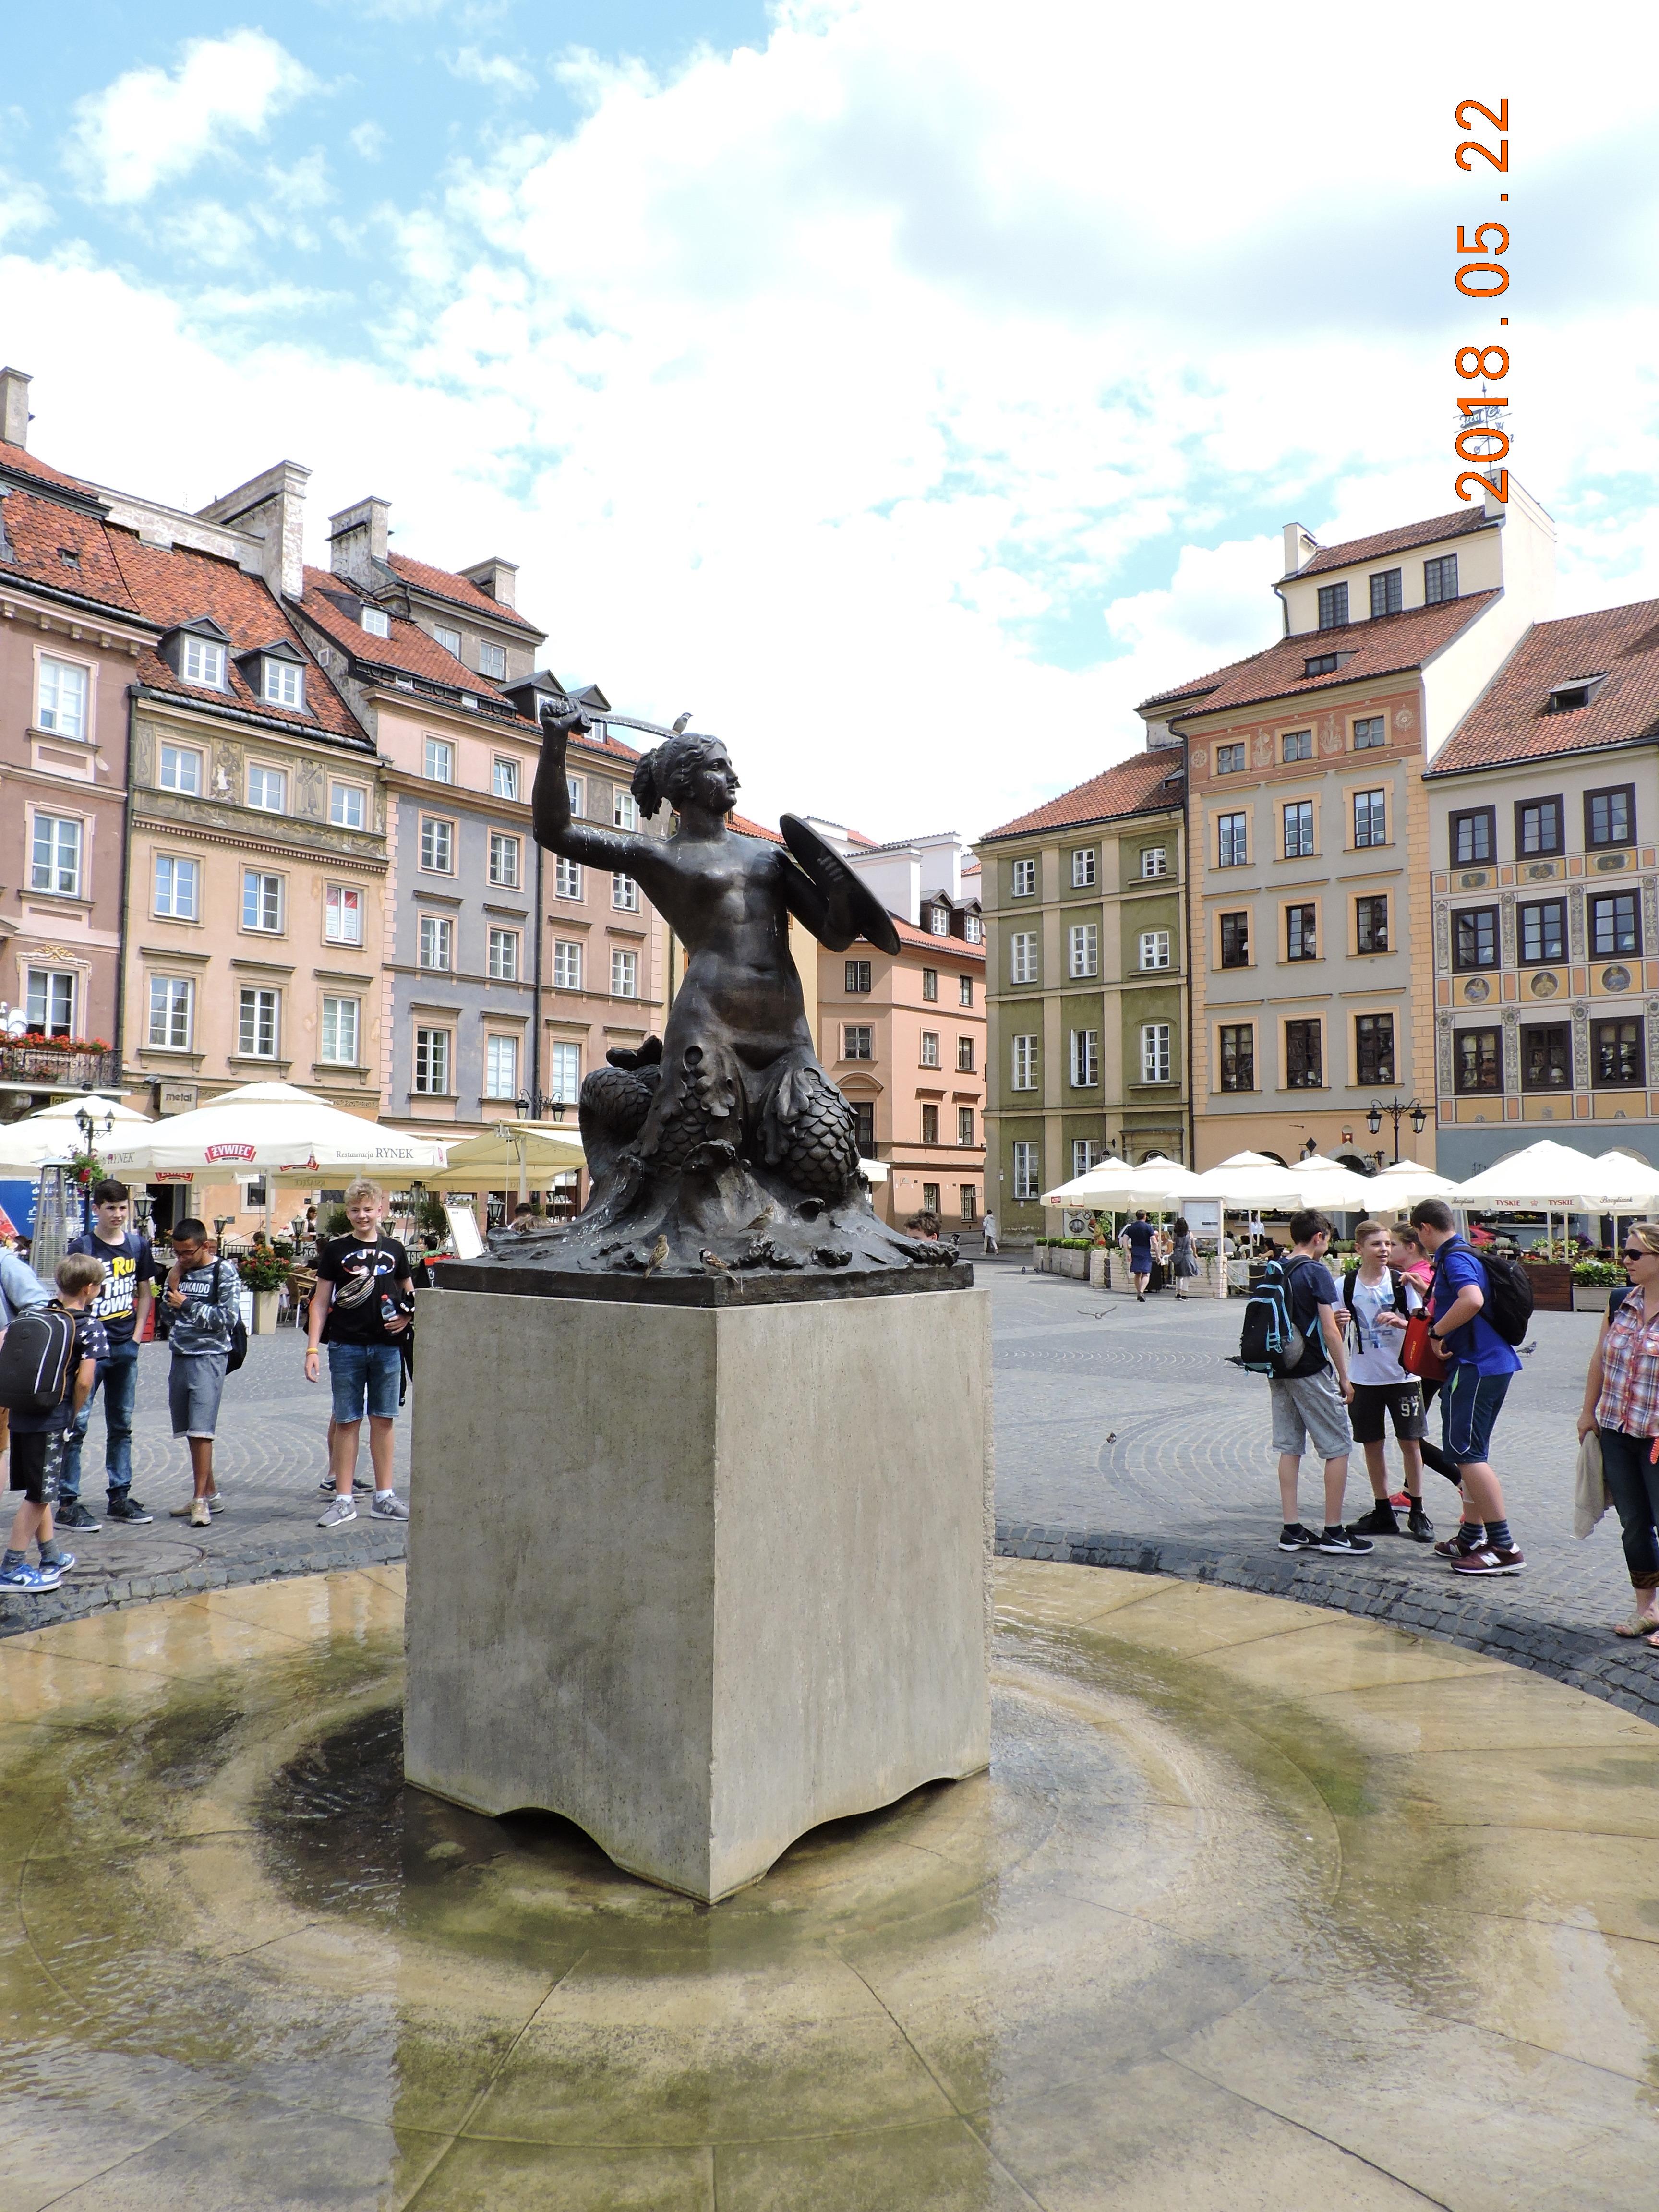 Warsaw Mermaid